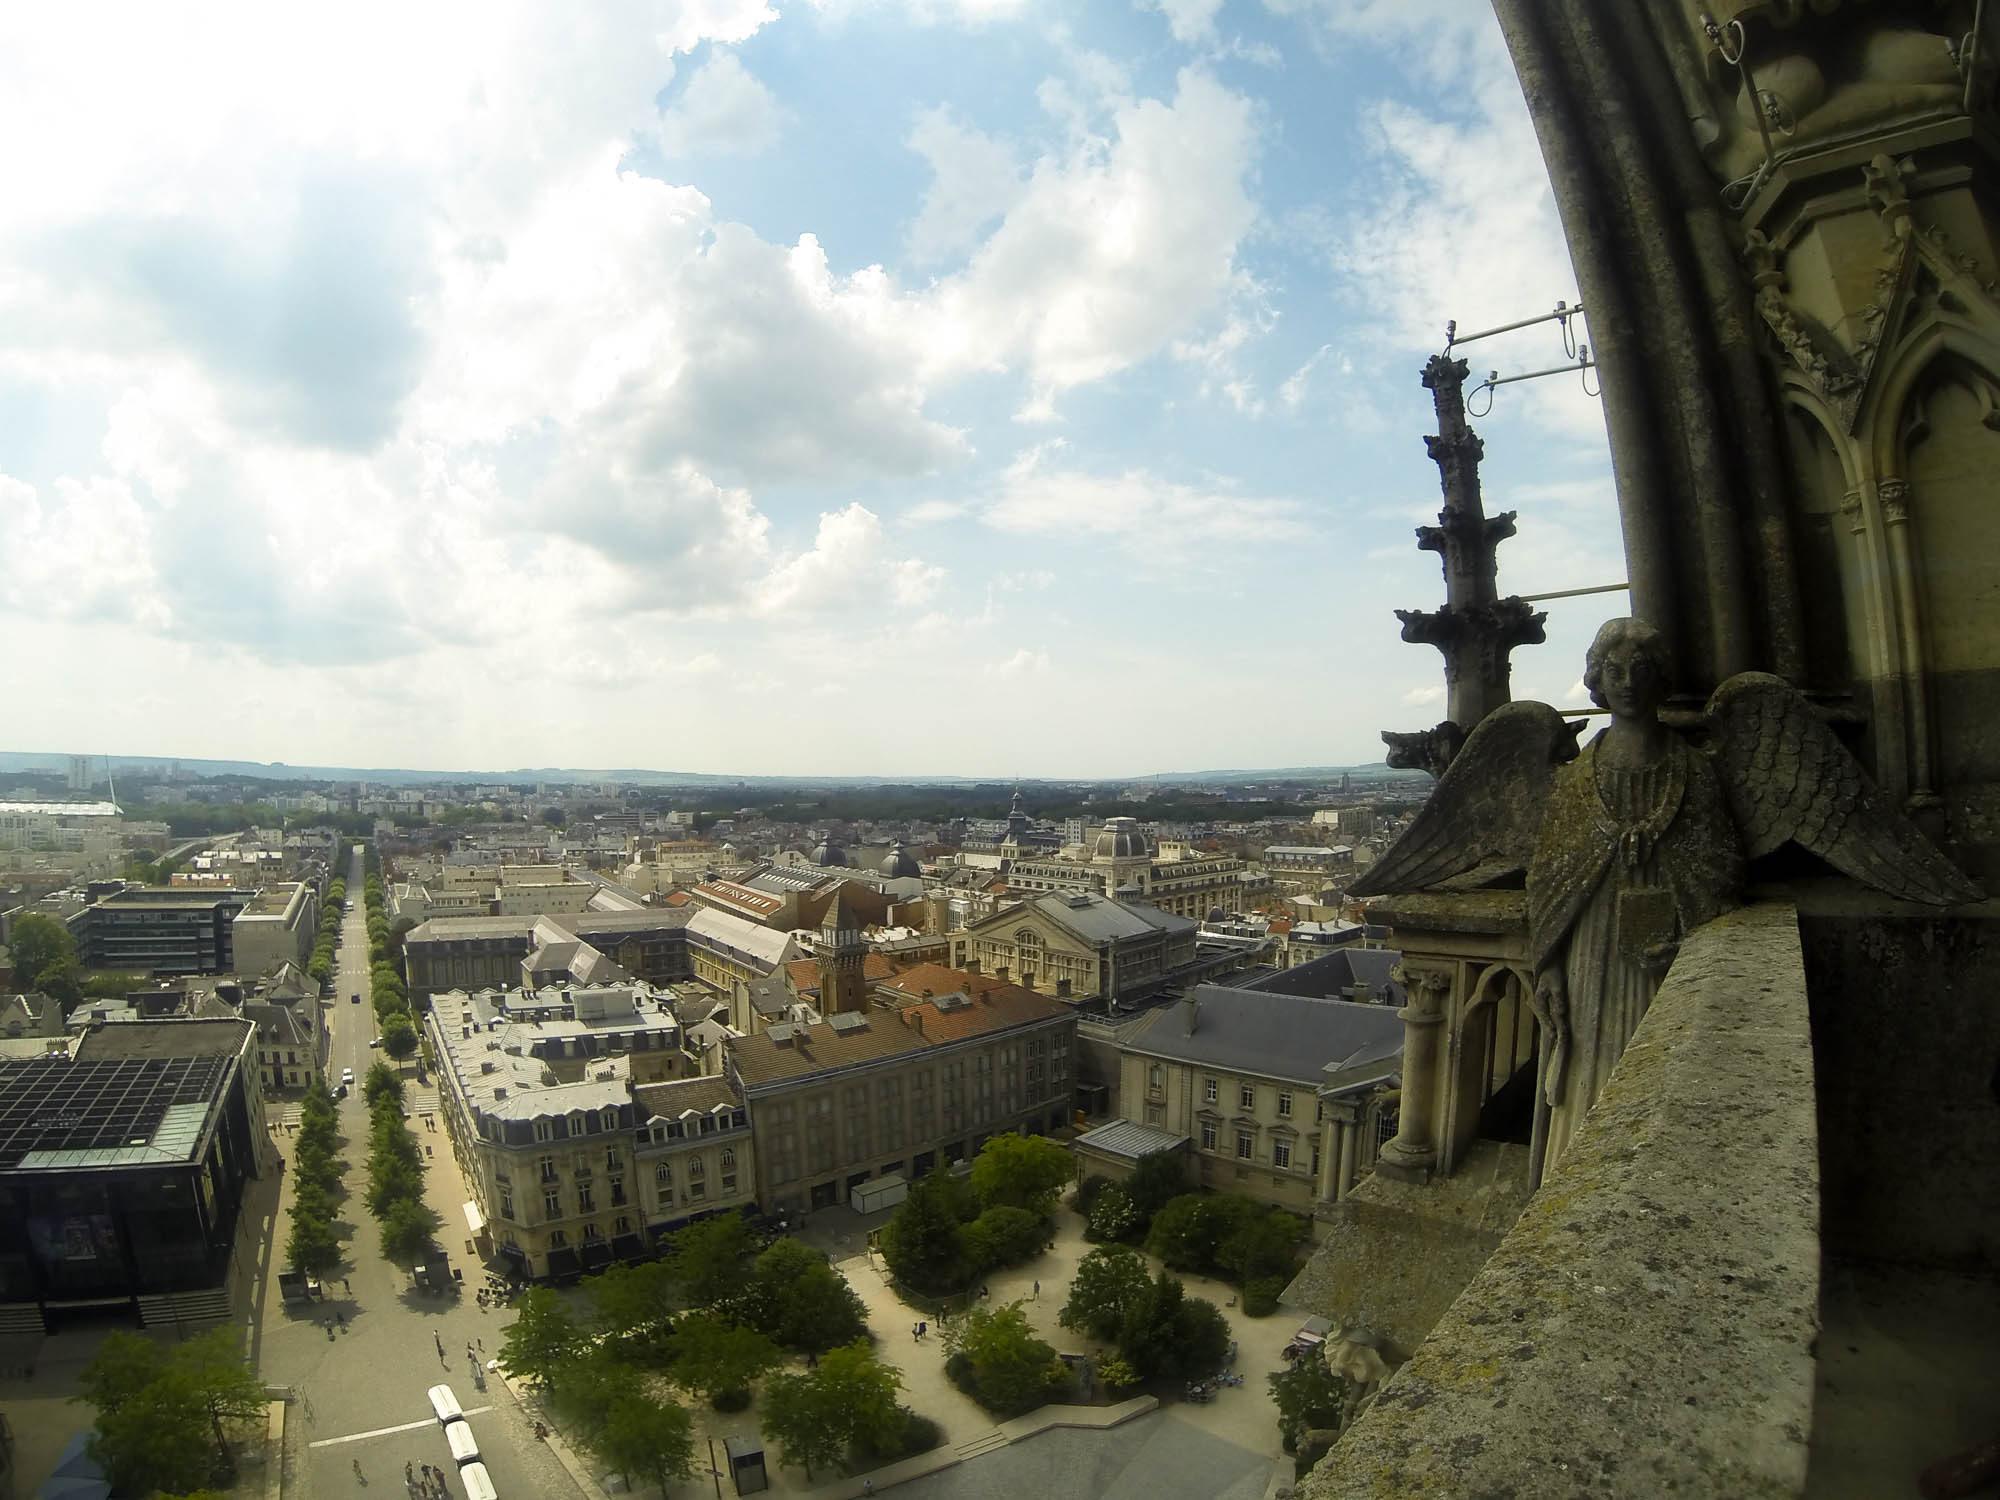 Le Palais du Tau et les tours de la Cathédrale de Reims